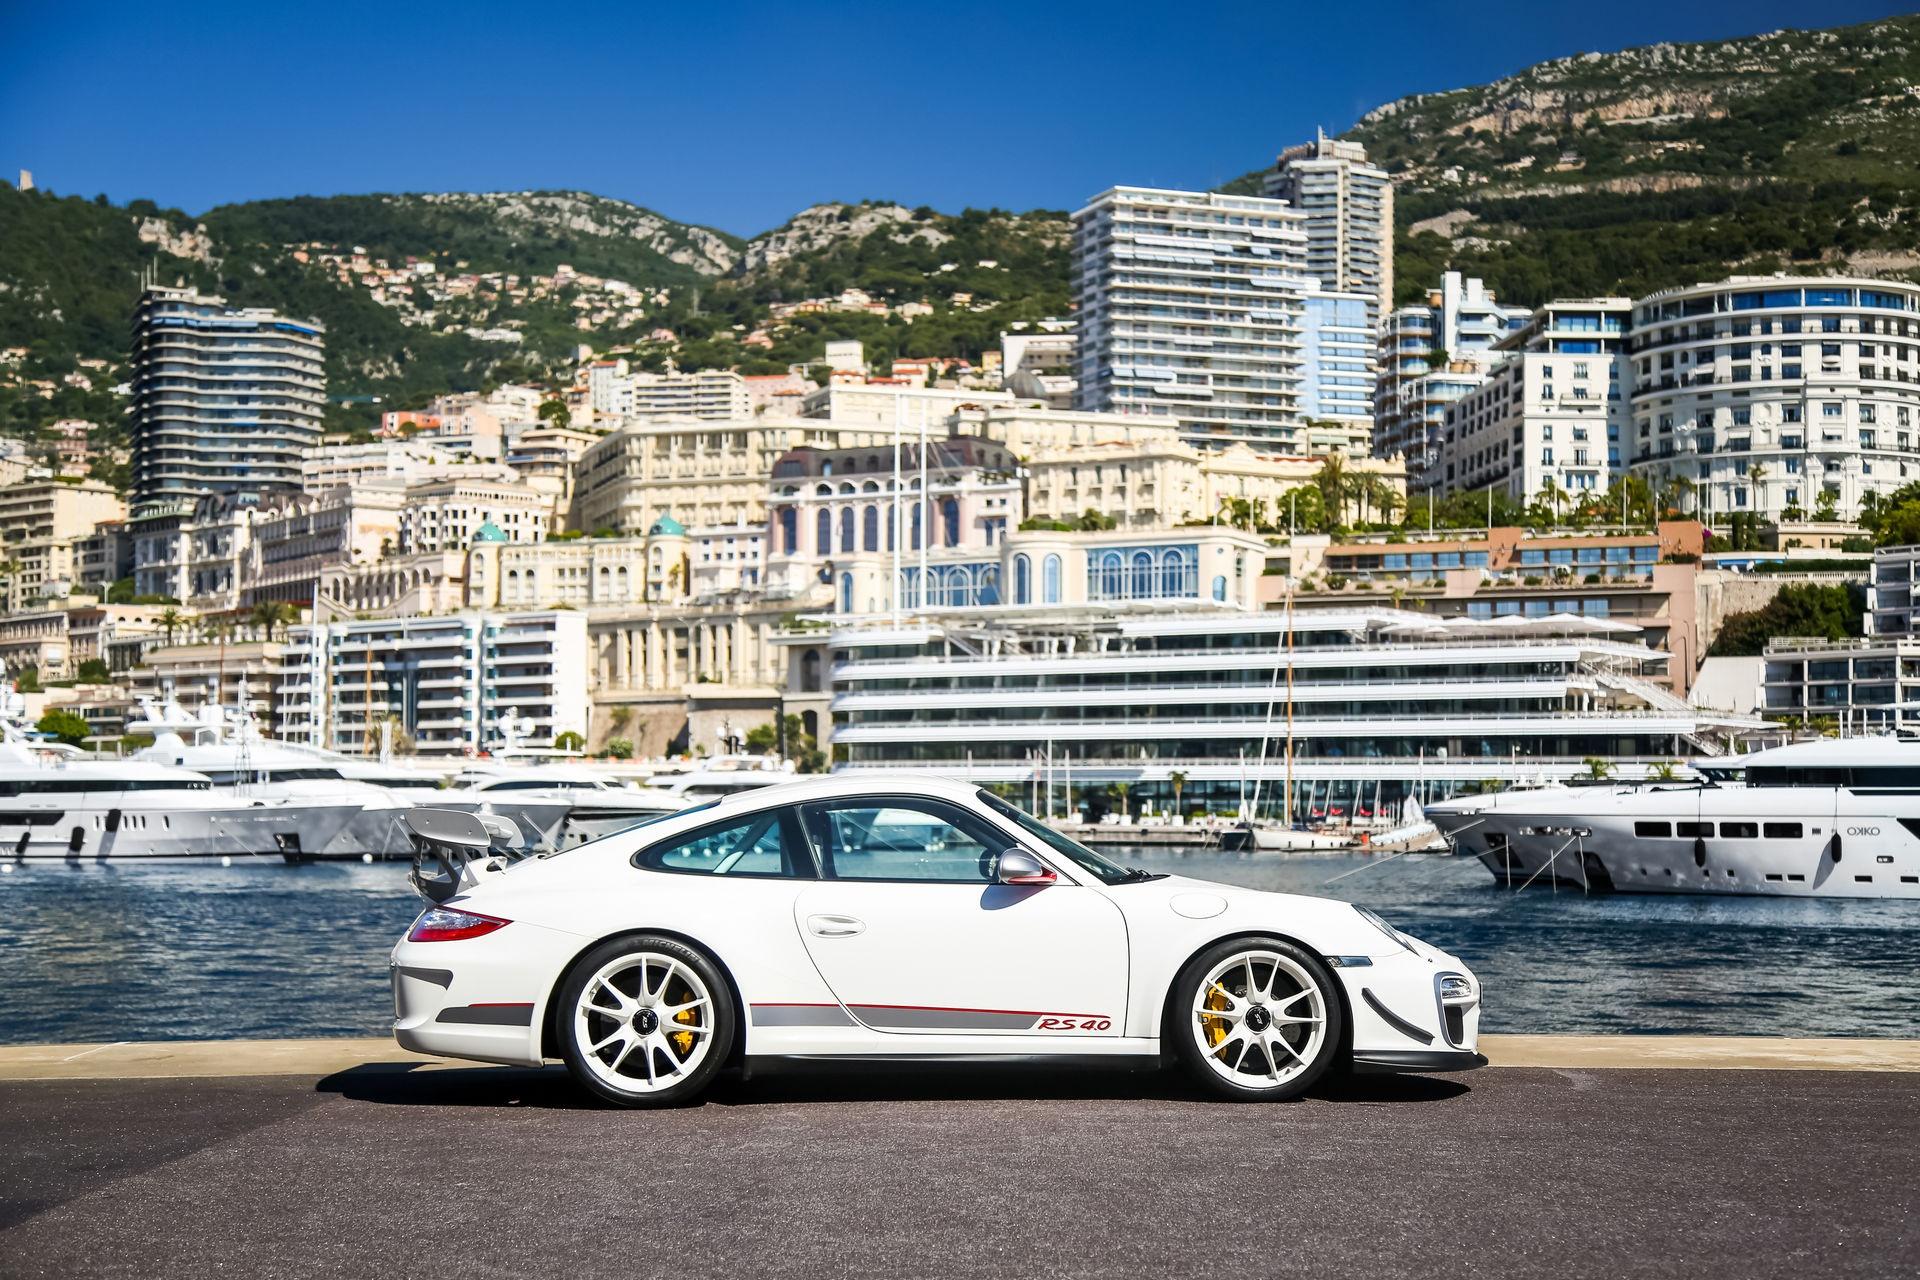 Ngam nhin Porsche 911 GT3 RS 4.0 2011 phien ban gioi han dac biet anh 2